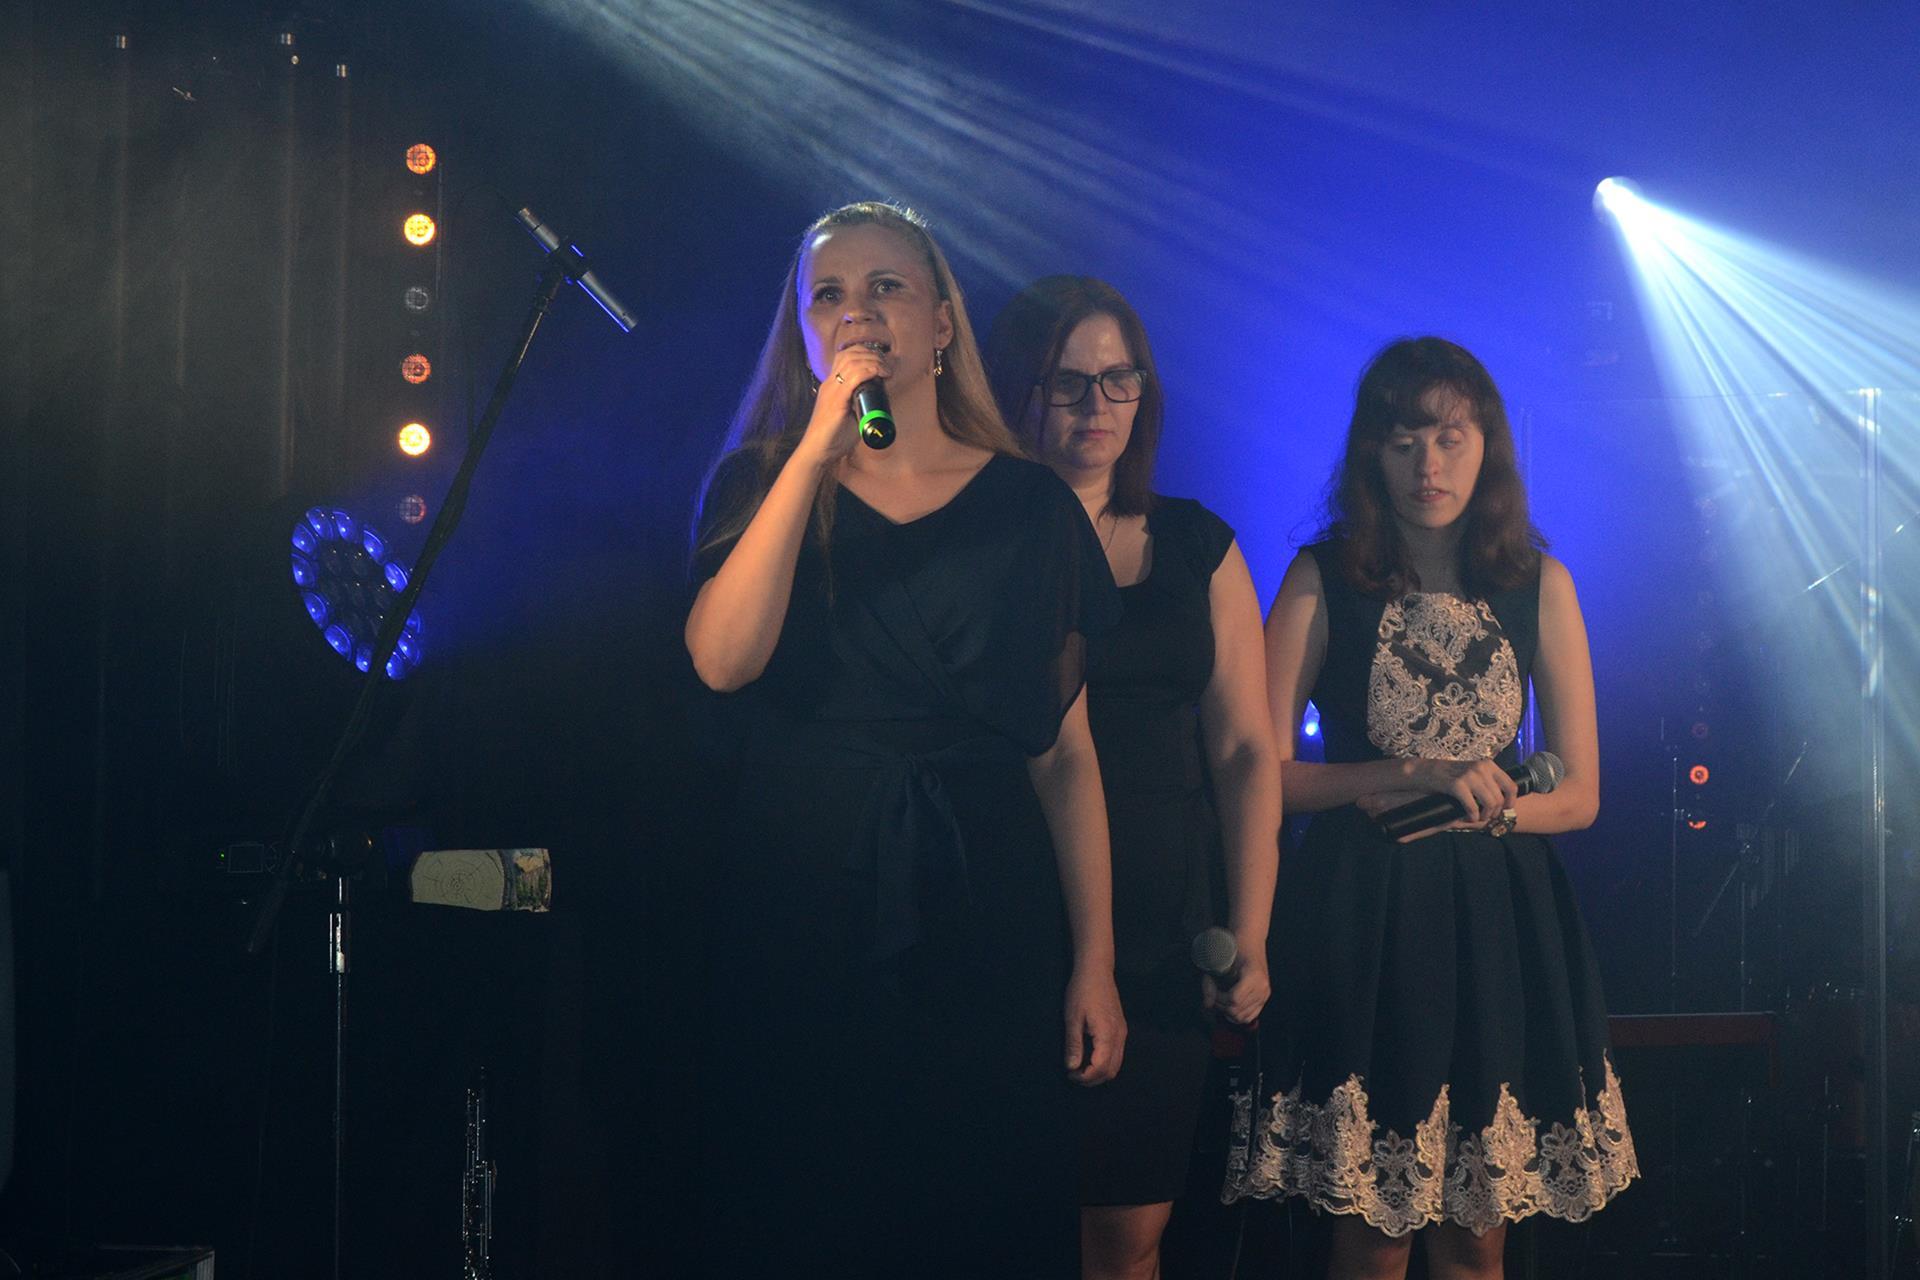 Kobieta śpiewa. Za nią stoją dwie kobiety.